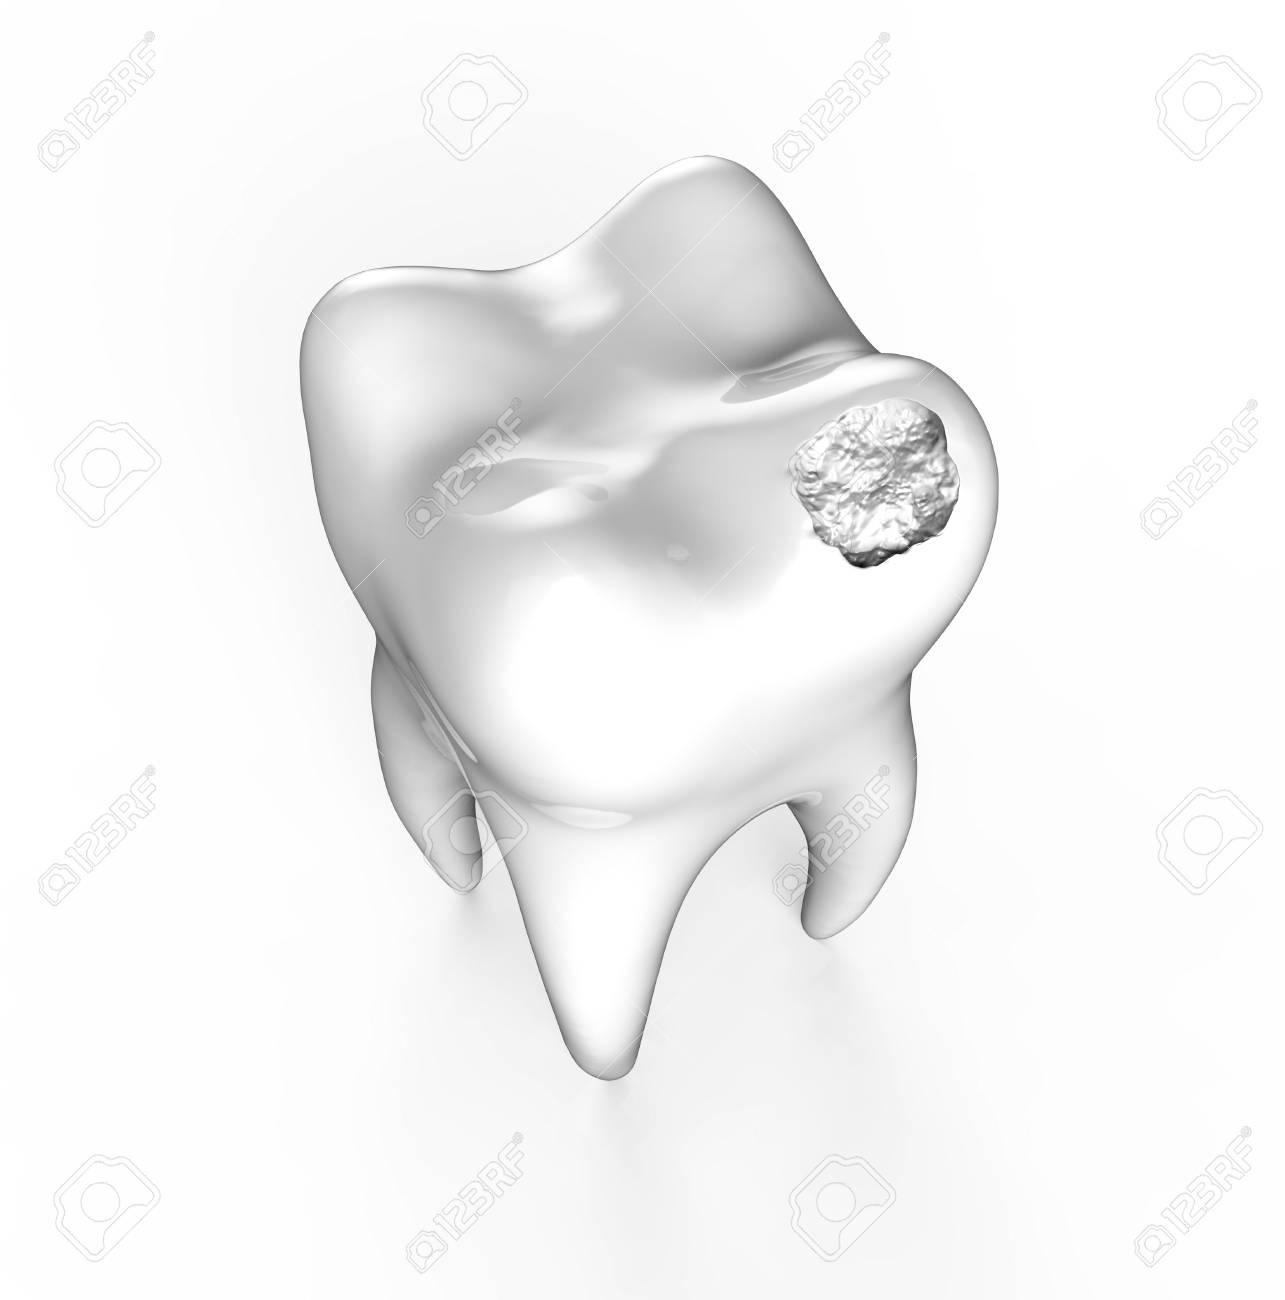 Menschlicher Zahn Mit Schwarzem Loch. Karies, Zahnkaries Isoliert ...